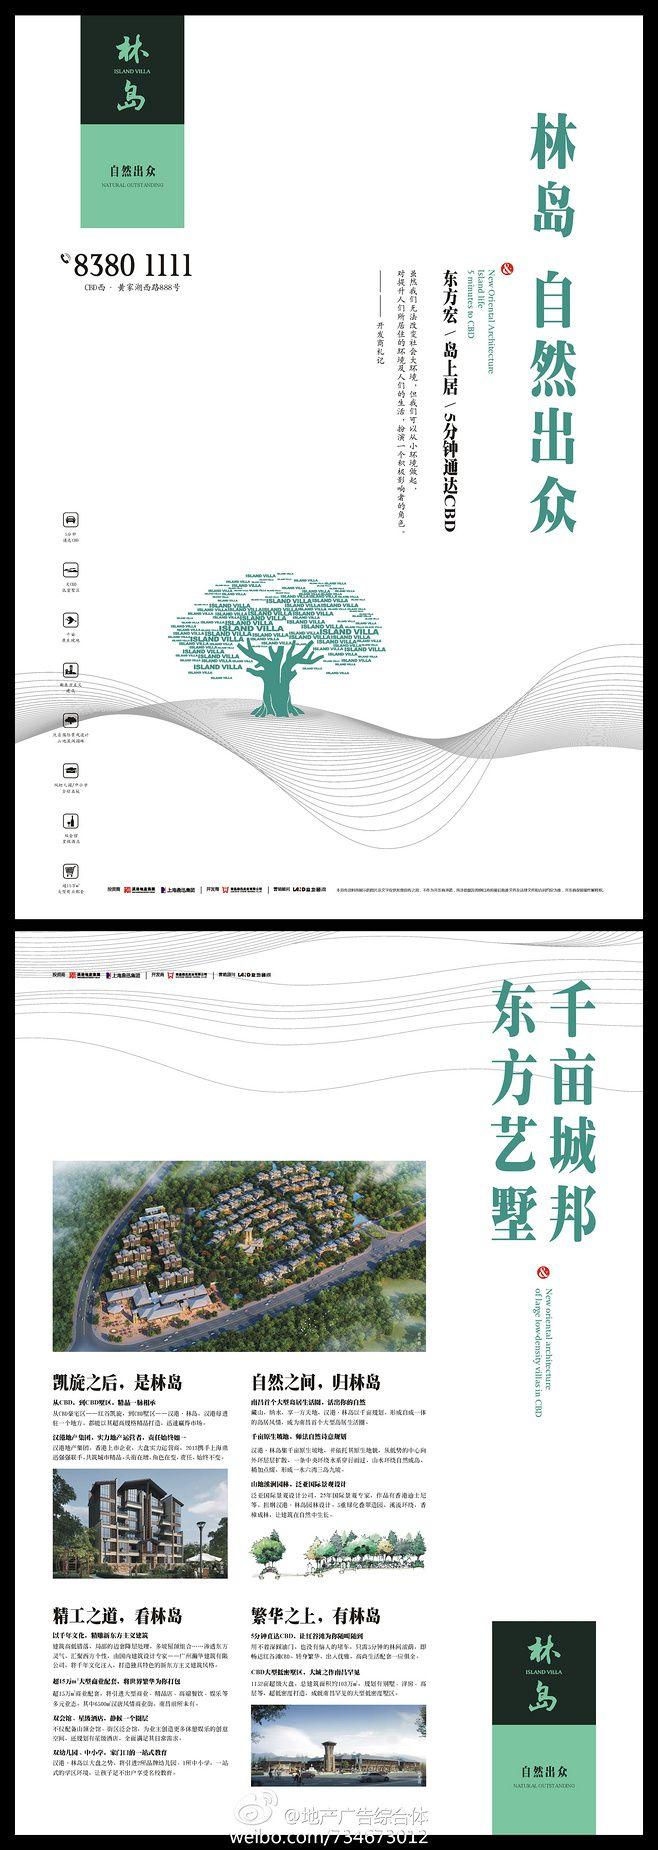 地产广告综合体的照片 - 微相册